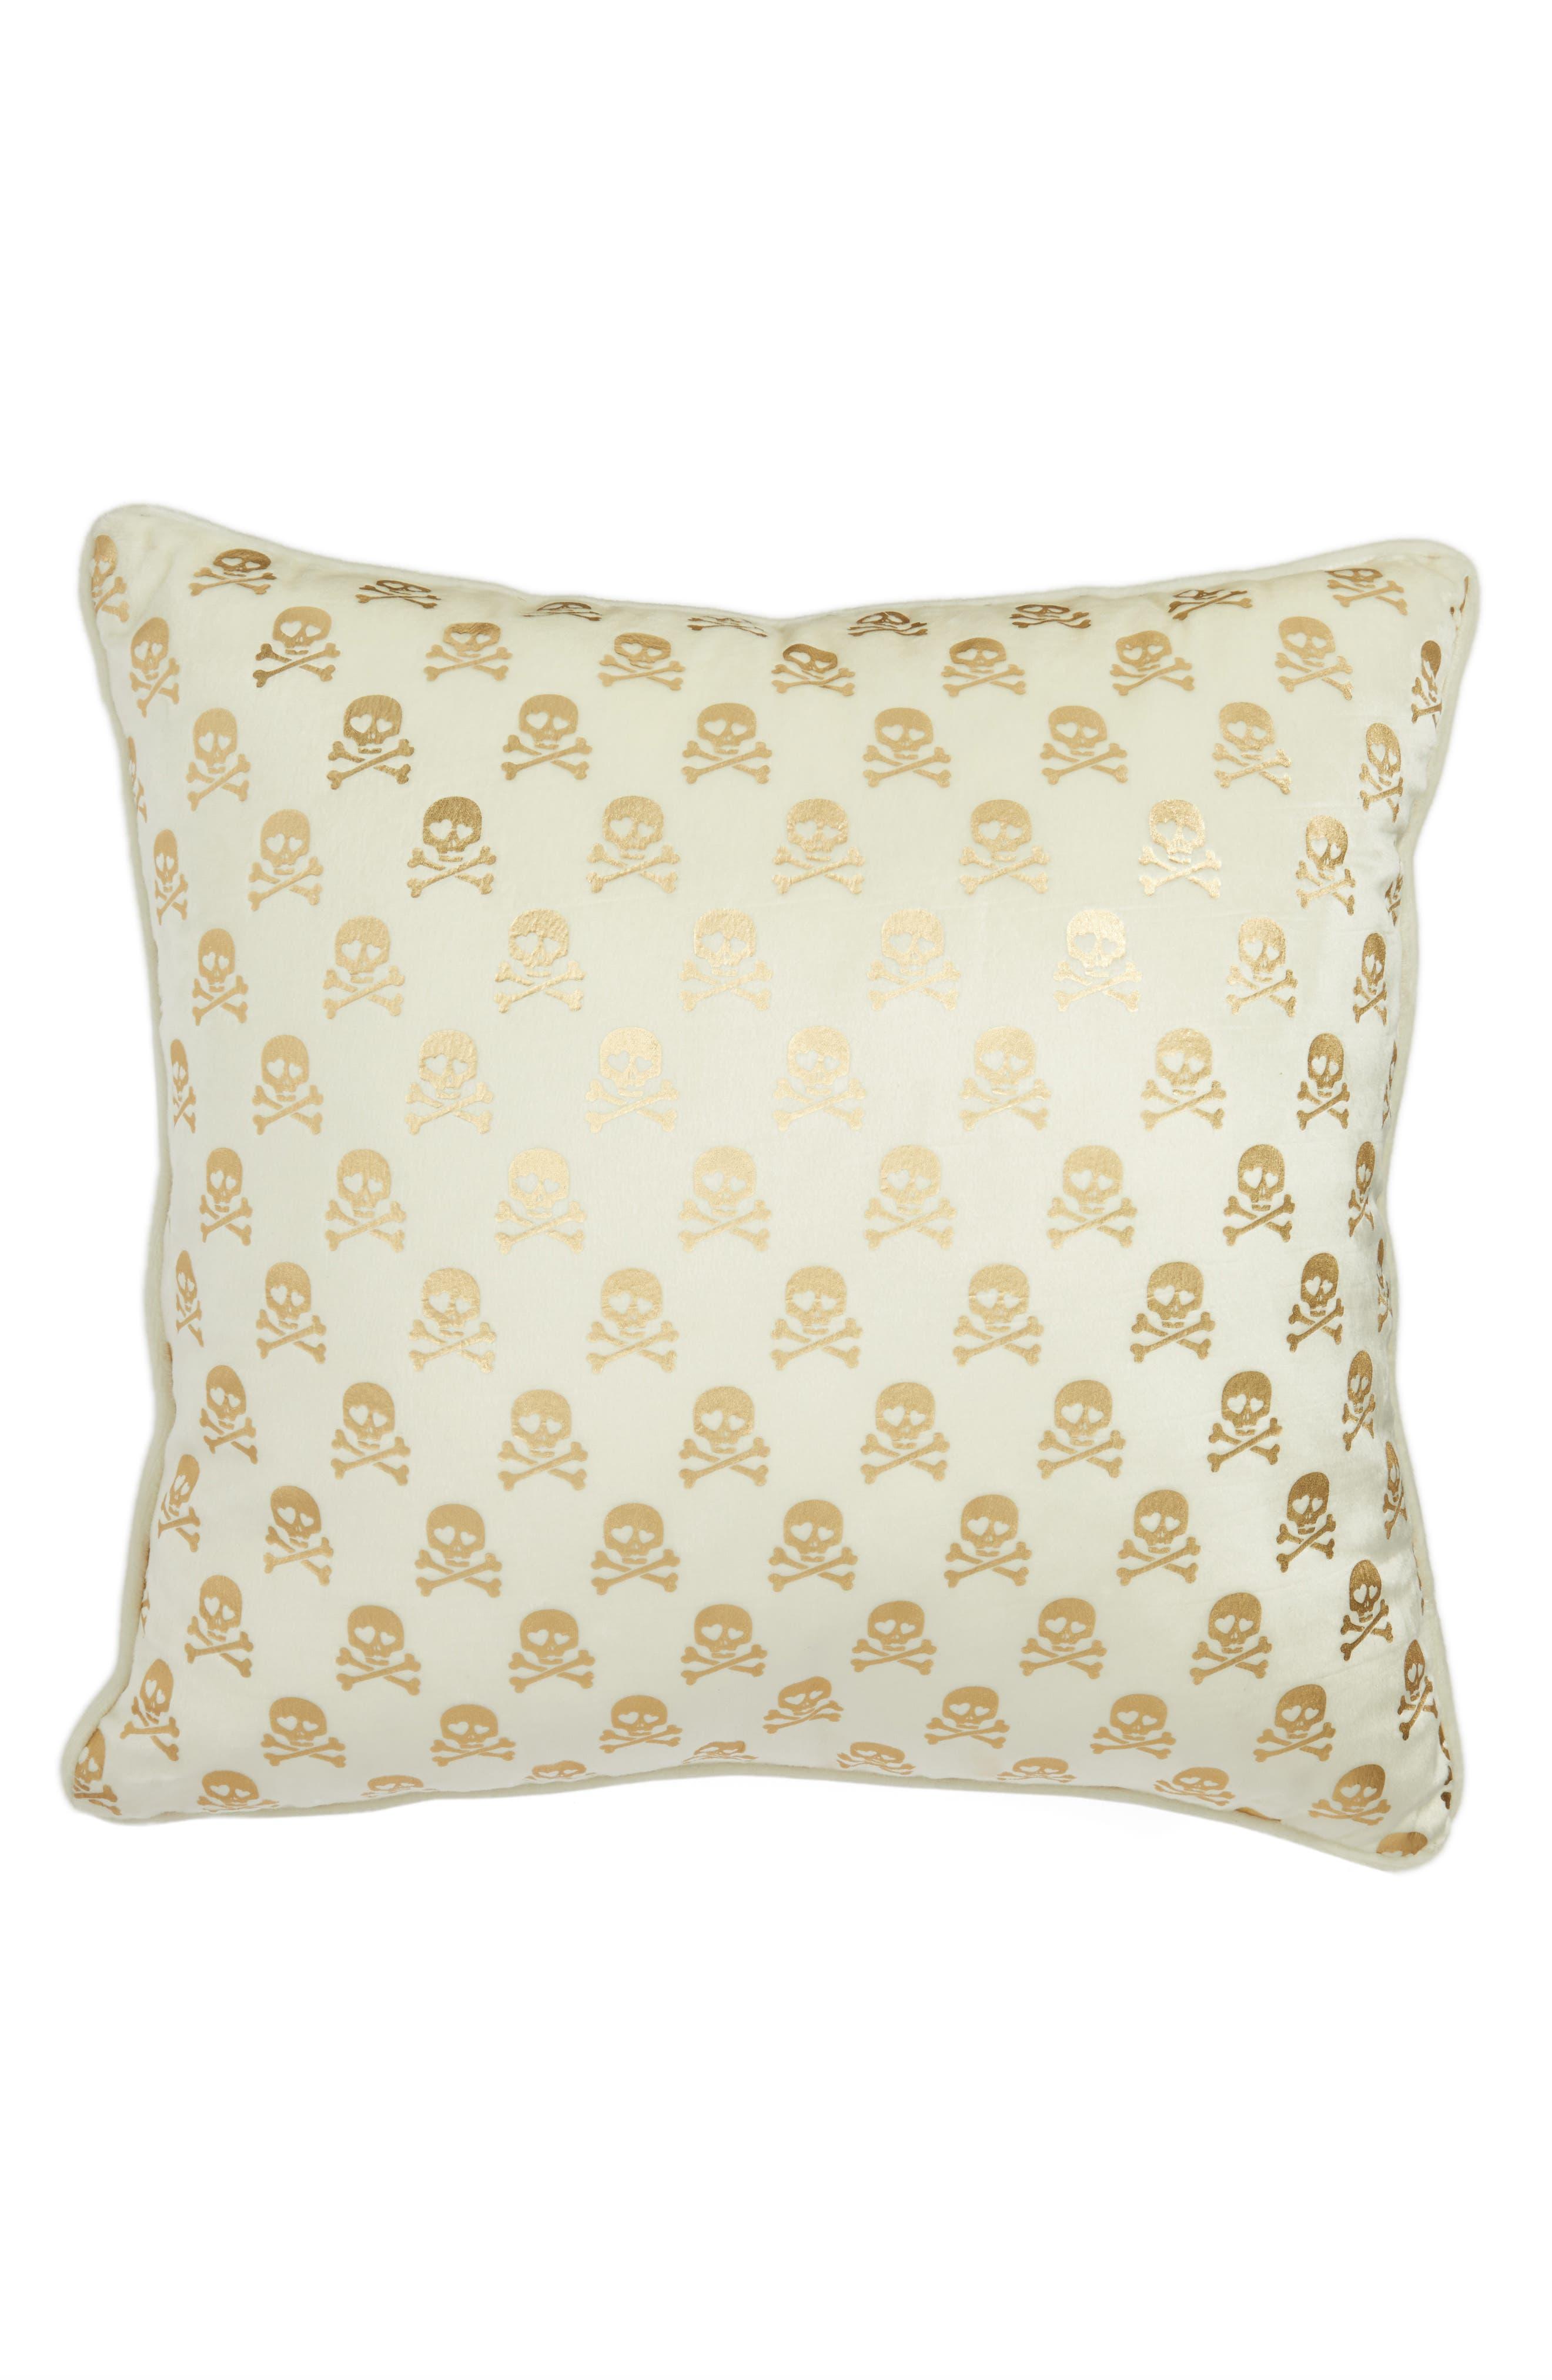 Skull Velvet Accent Pillow,                             Alternate thumbnail 2, color,                             White